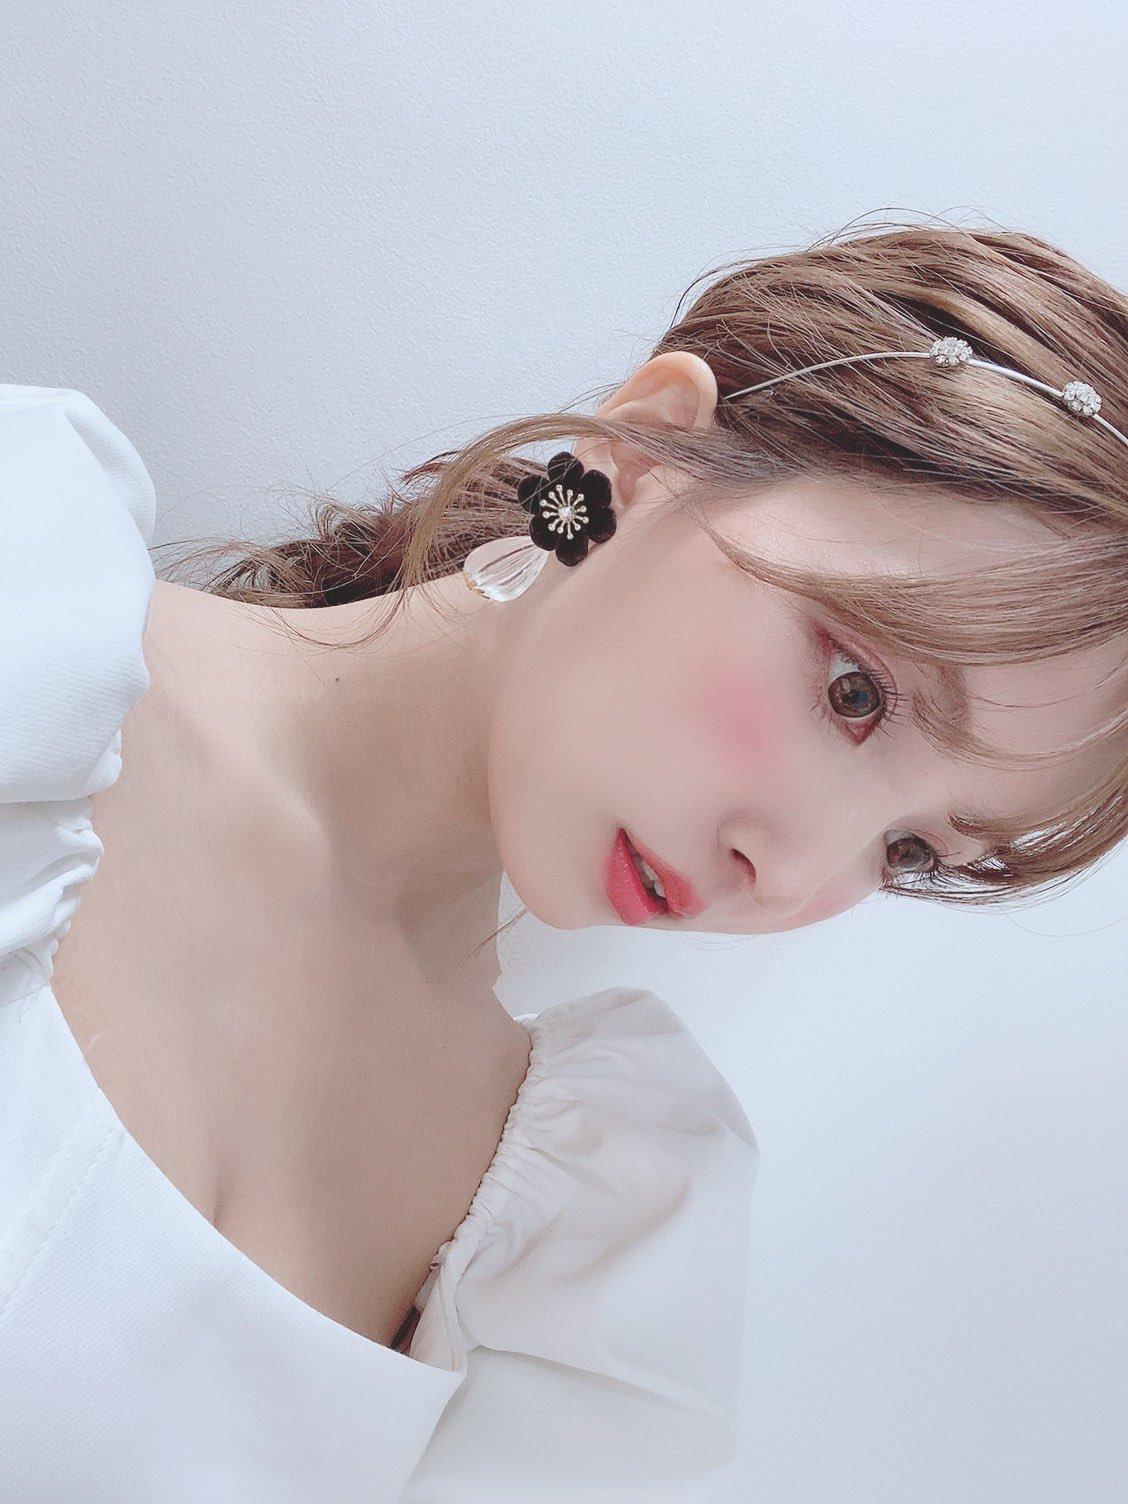 yua_mikami 1265276381396525057_p1